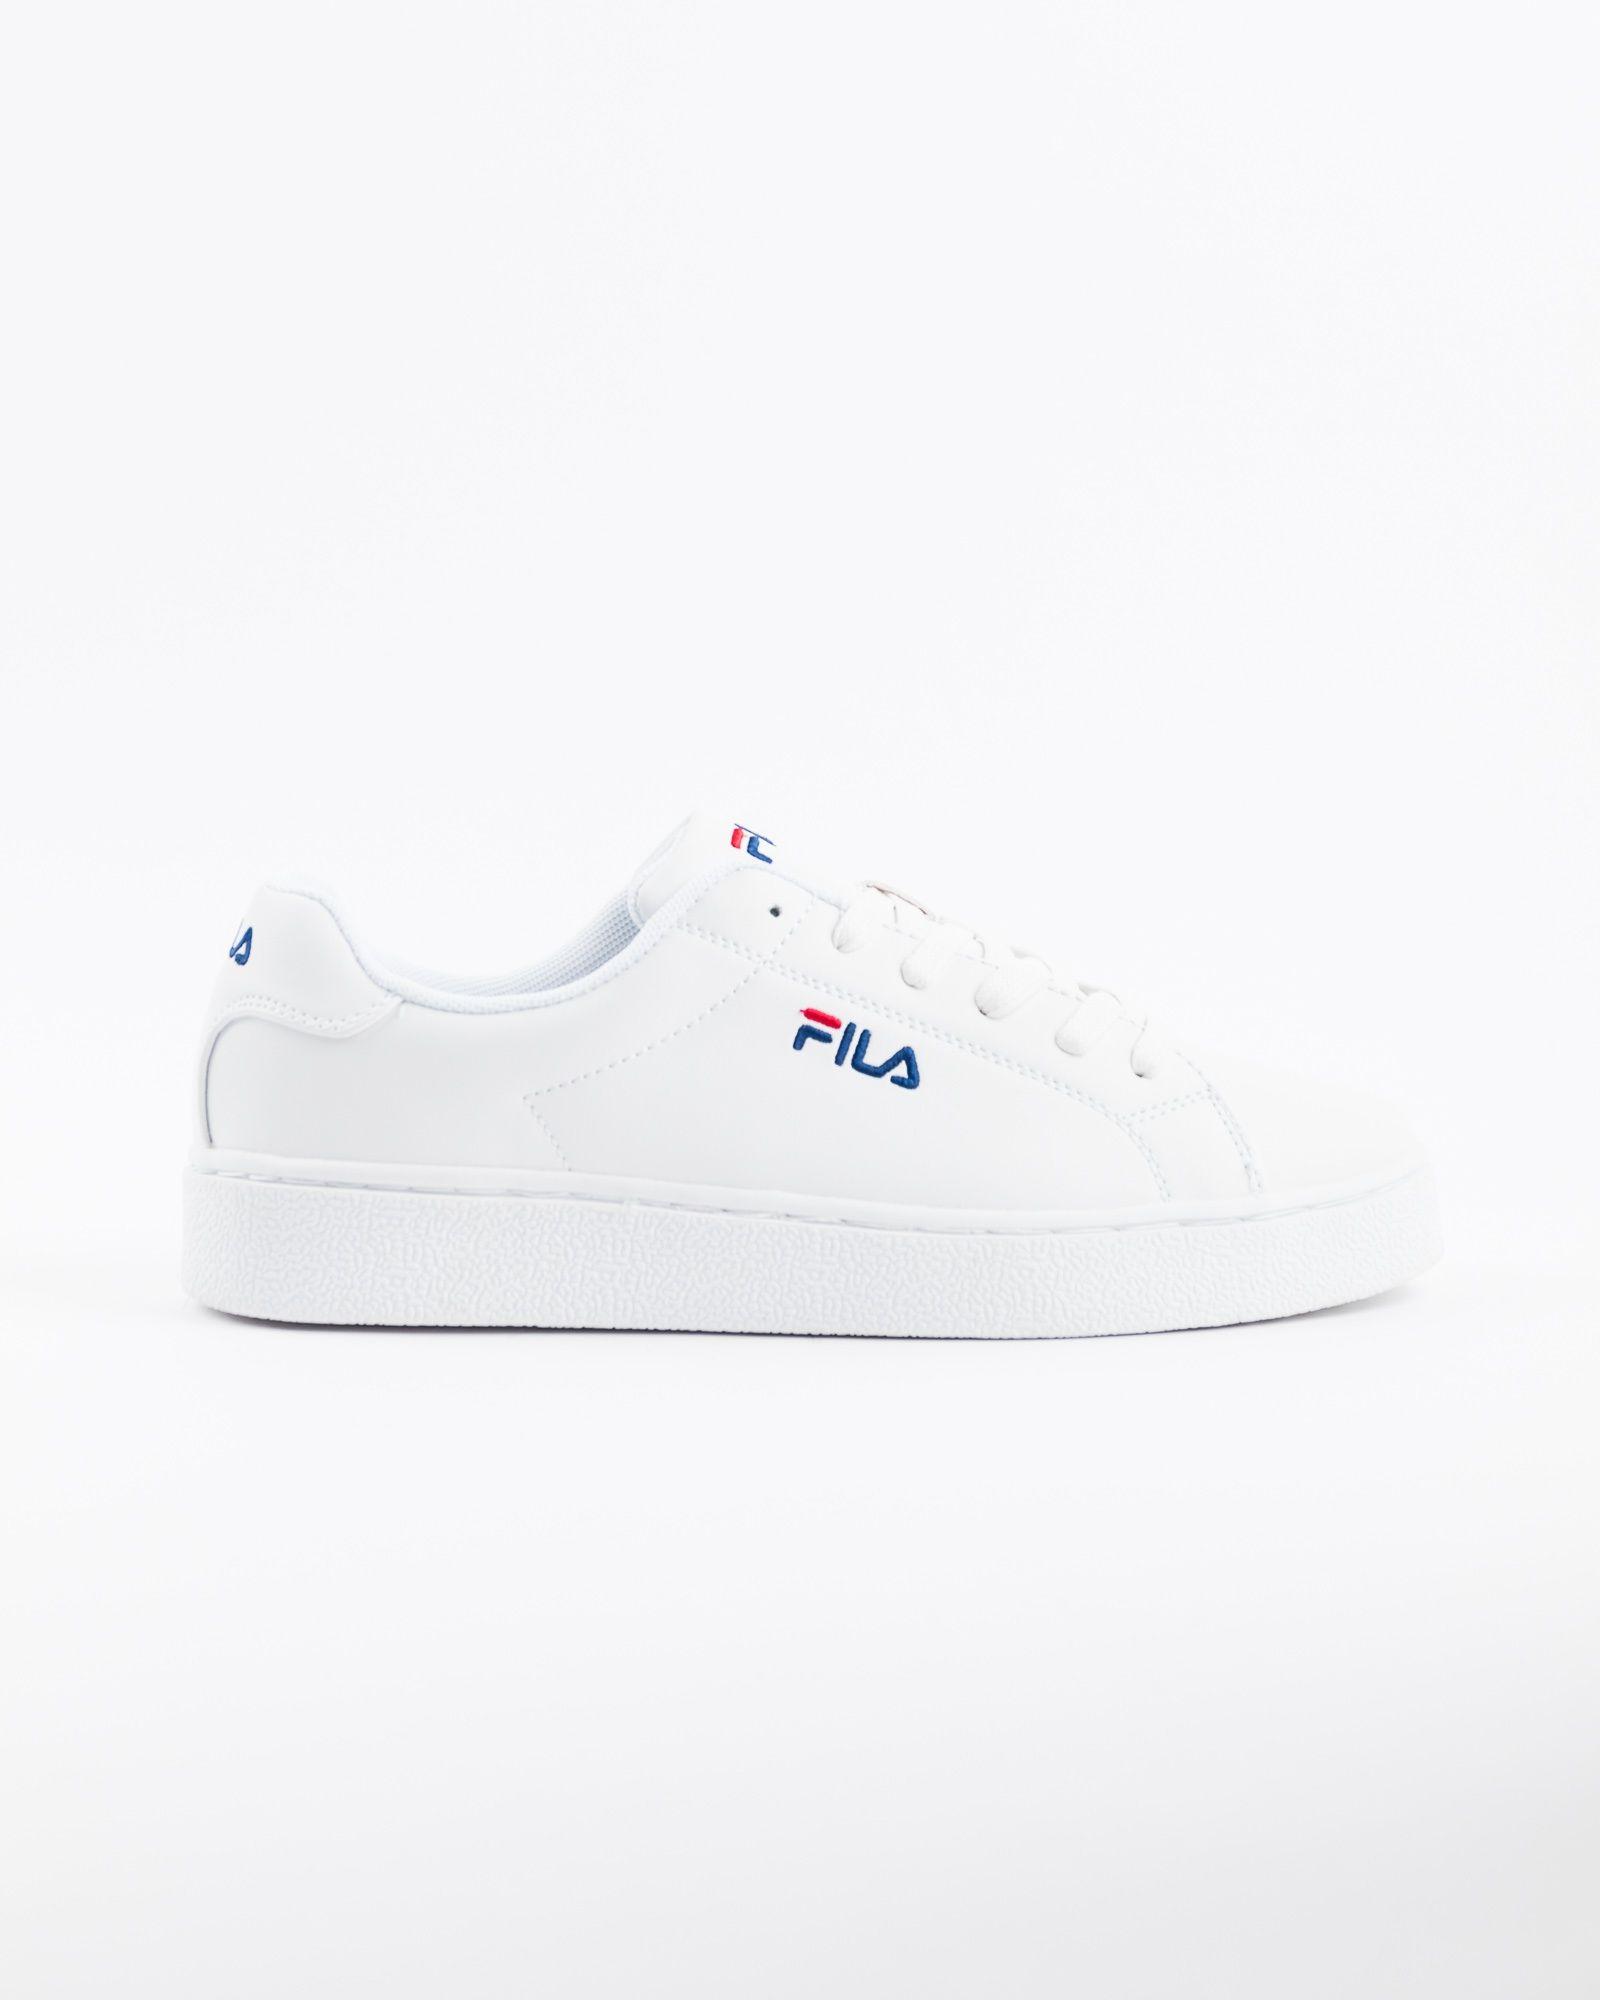 Collection Blanc De Pour Femme Fila Eté Printemps Marque Sneakers qPY6Xw